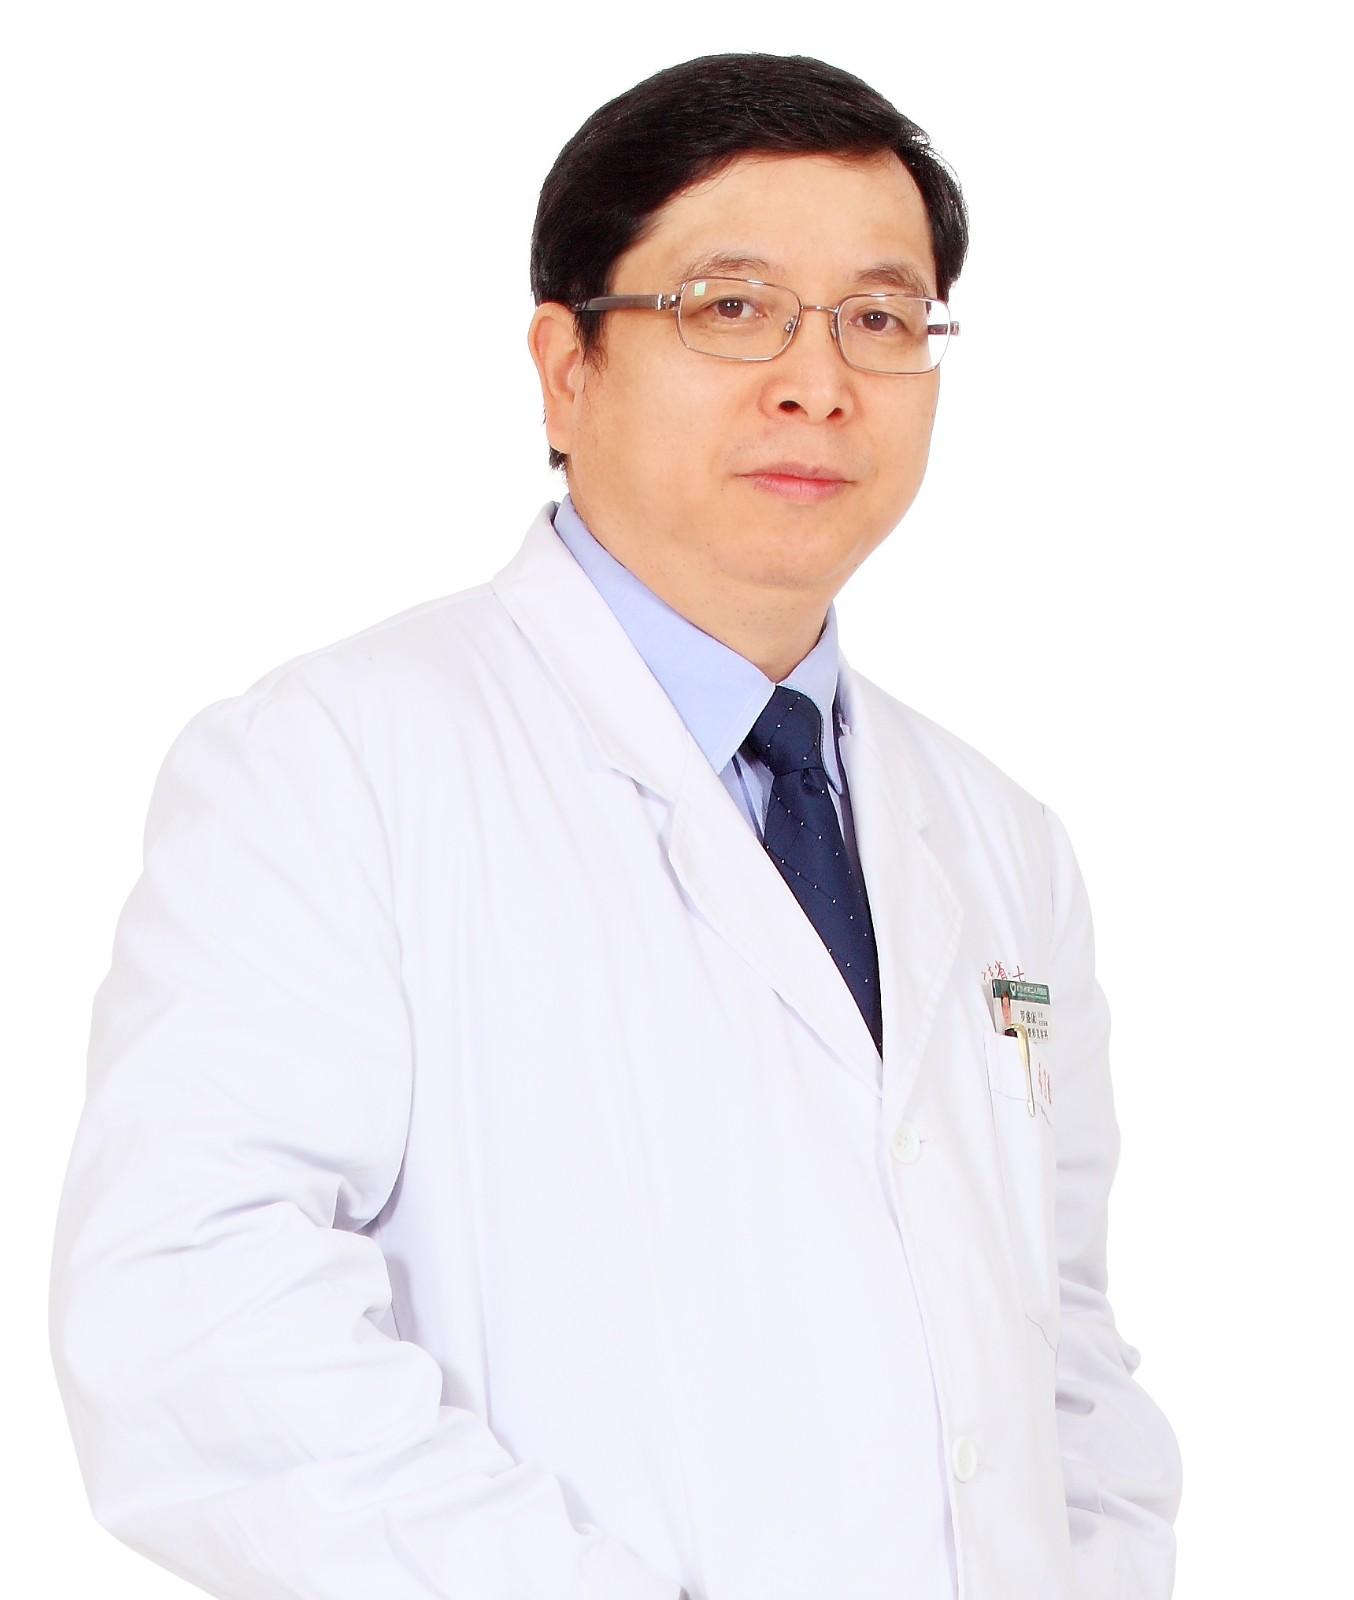 武警黑龙江总队医院整形美容中心罗盛康